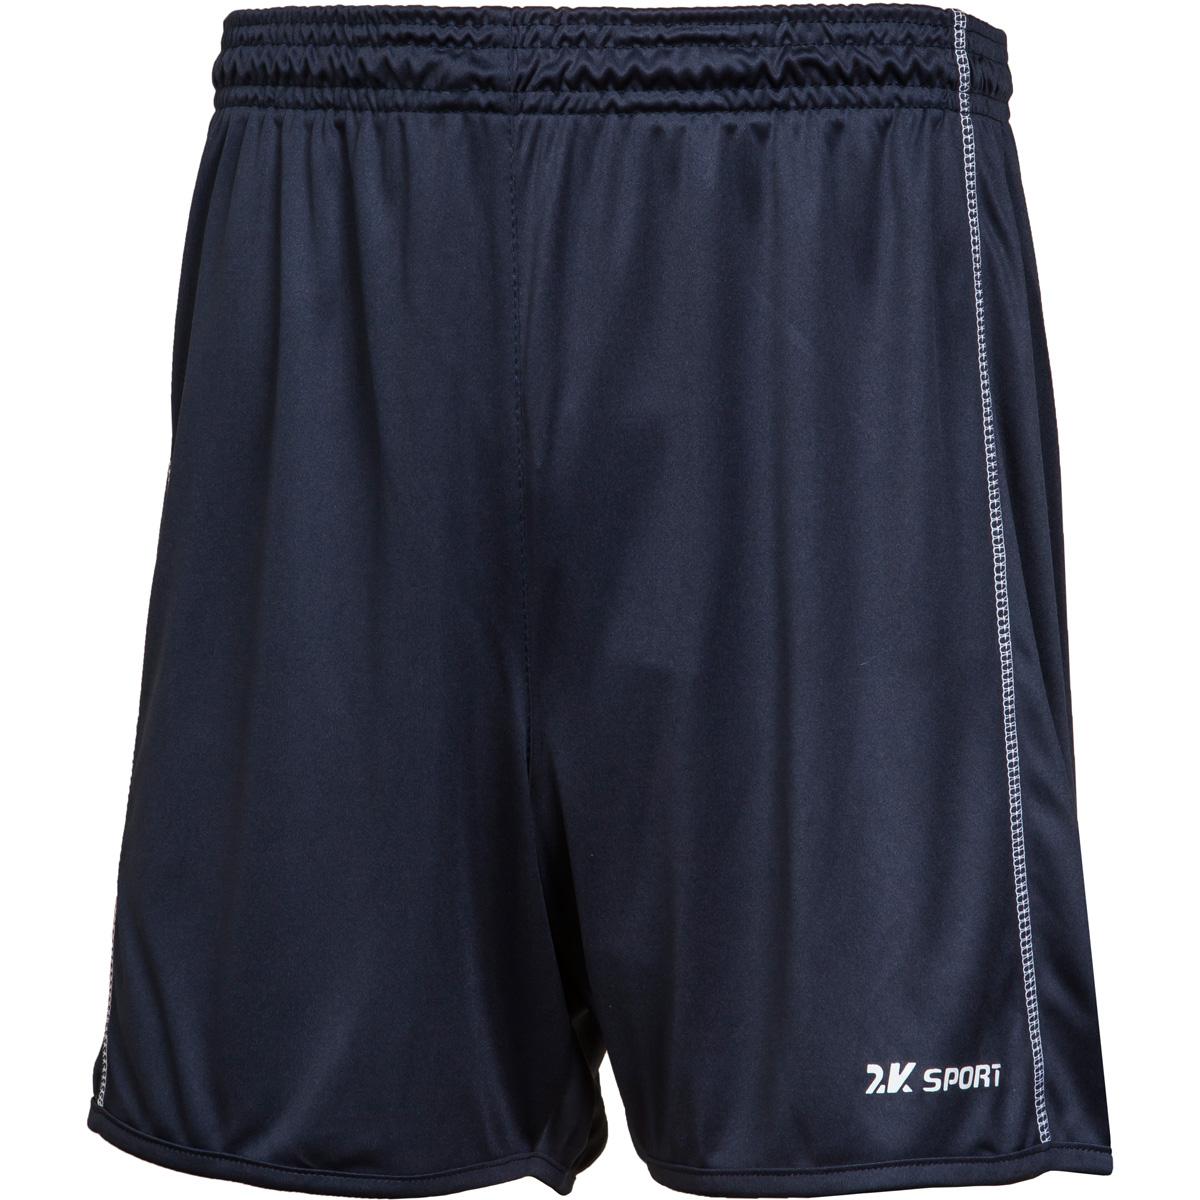 Шорты волейбольные мужские 2K Sport Energy, цвет: темно-синий. 140041. Размер XS (44)140041_navyВолейбольные шорты с контрастными полосами по бокам. Изготовлены из ткани повышенной прочности, дополнены эластичным поясом со шнурками.